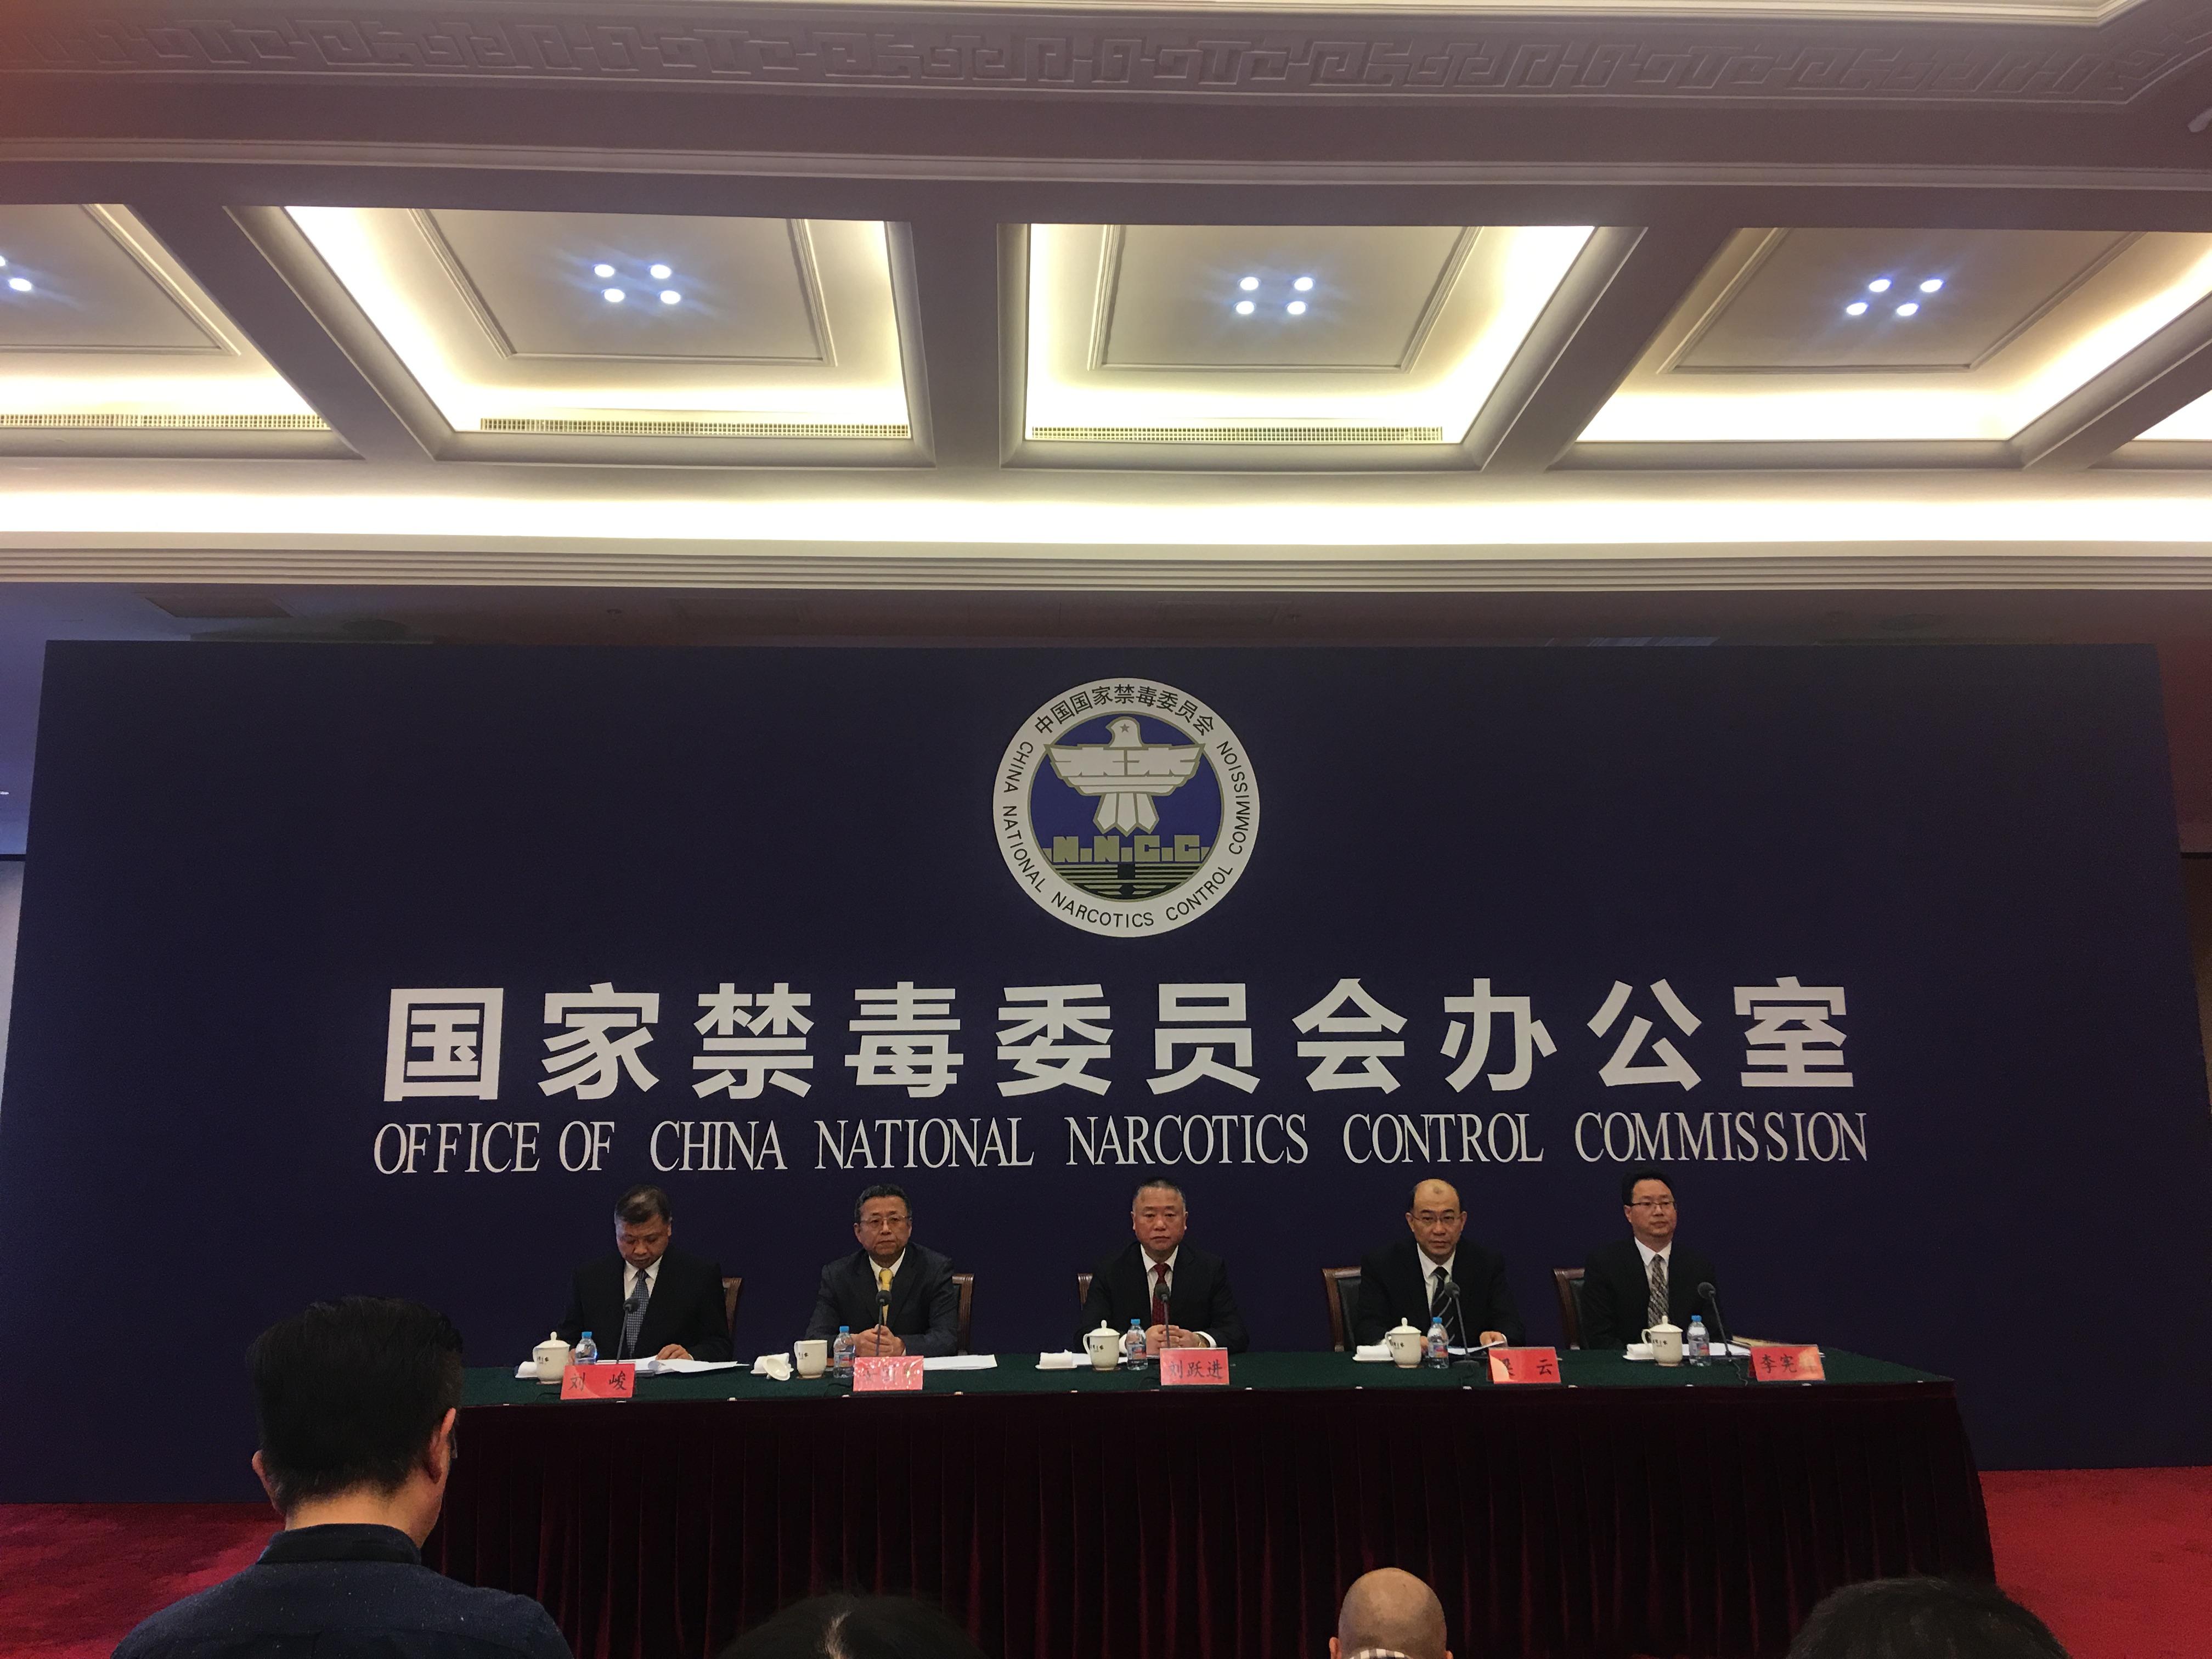 中国2016年禁毒:1876名外国籍嫌犯被捕 在华贩毒活动增多